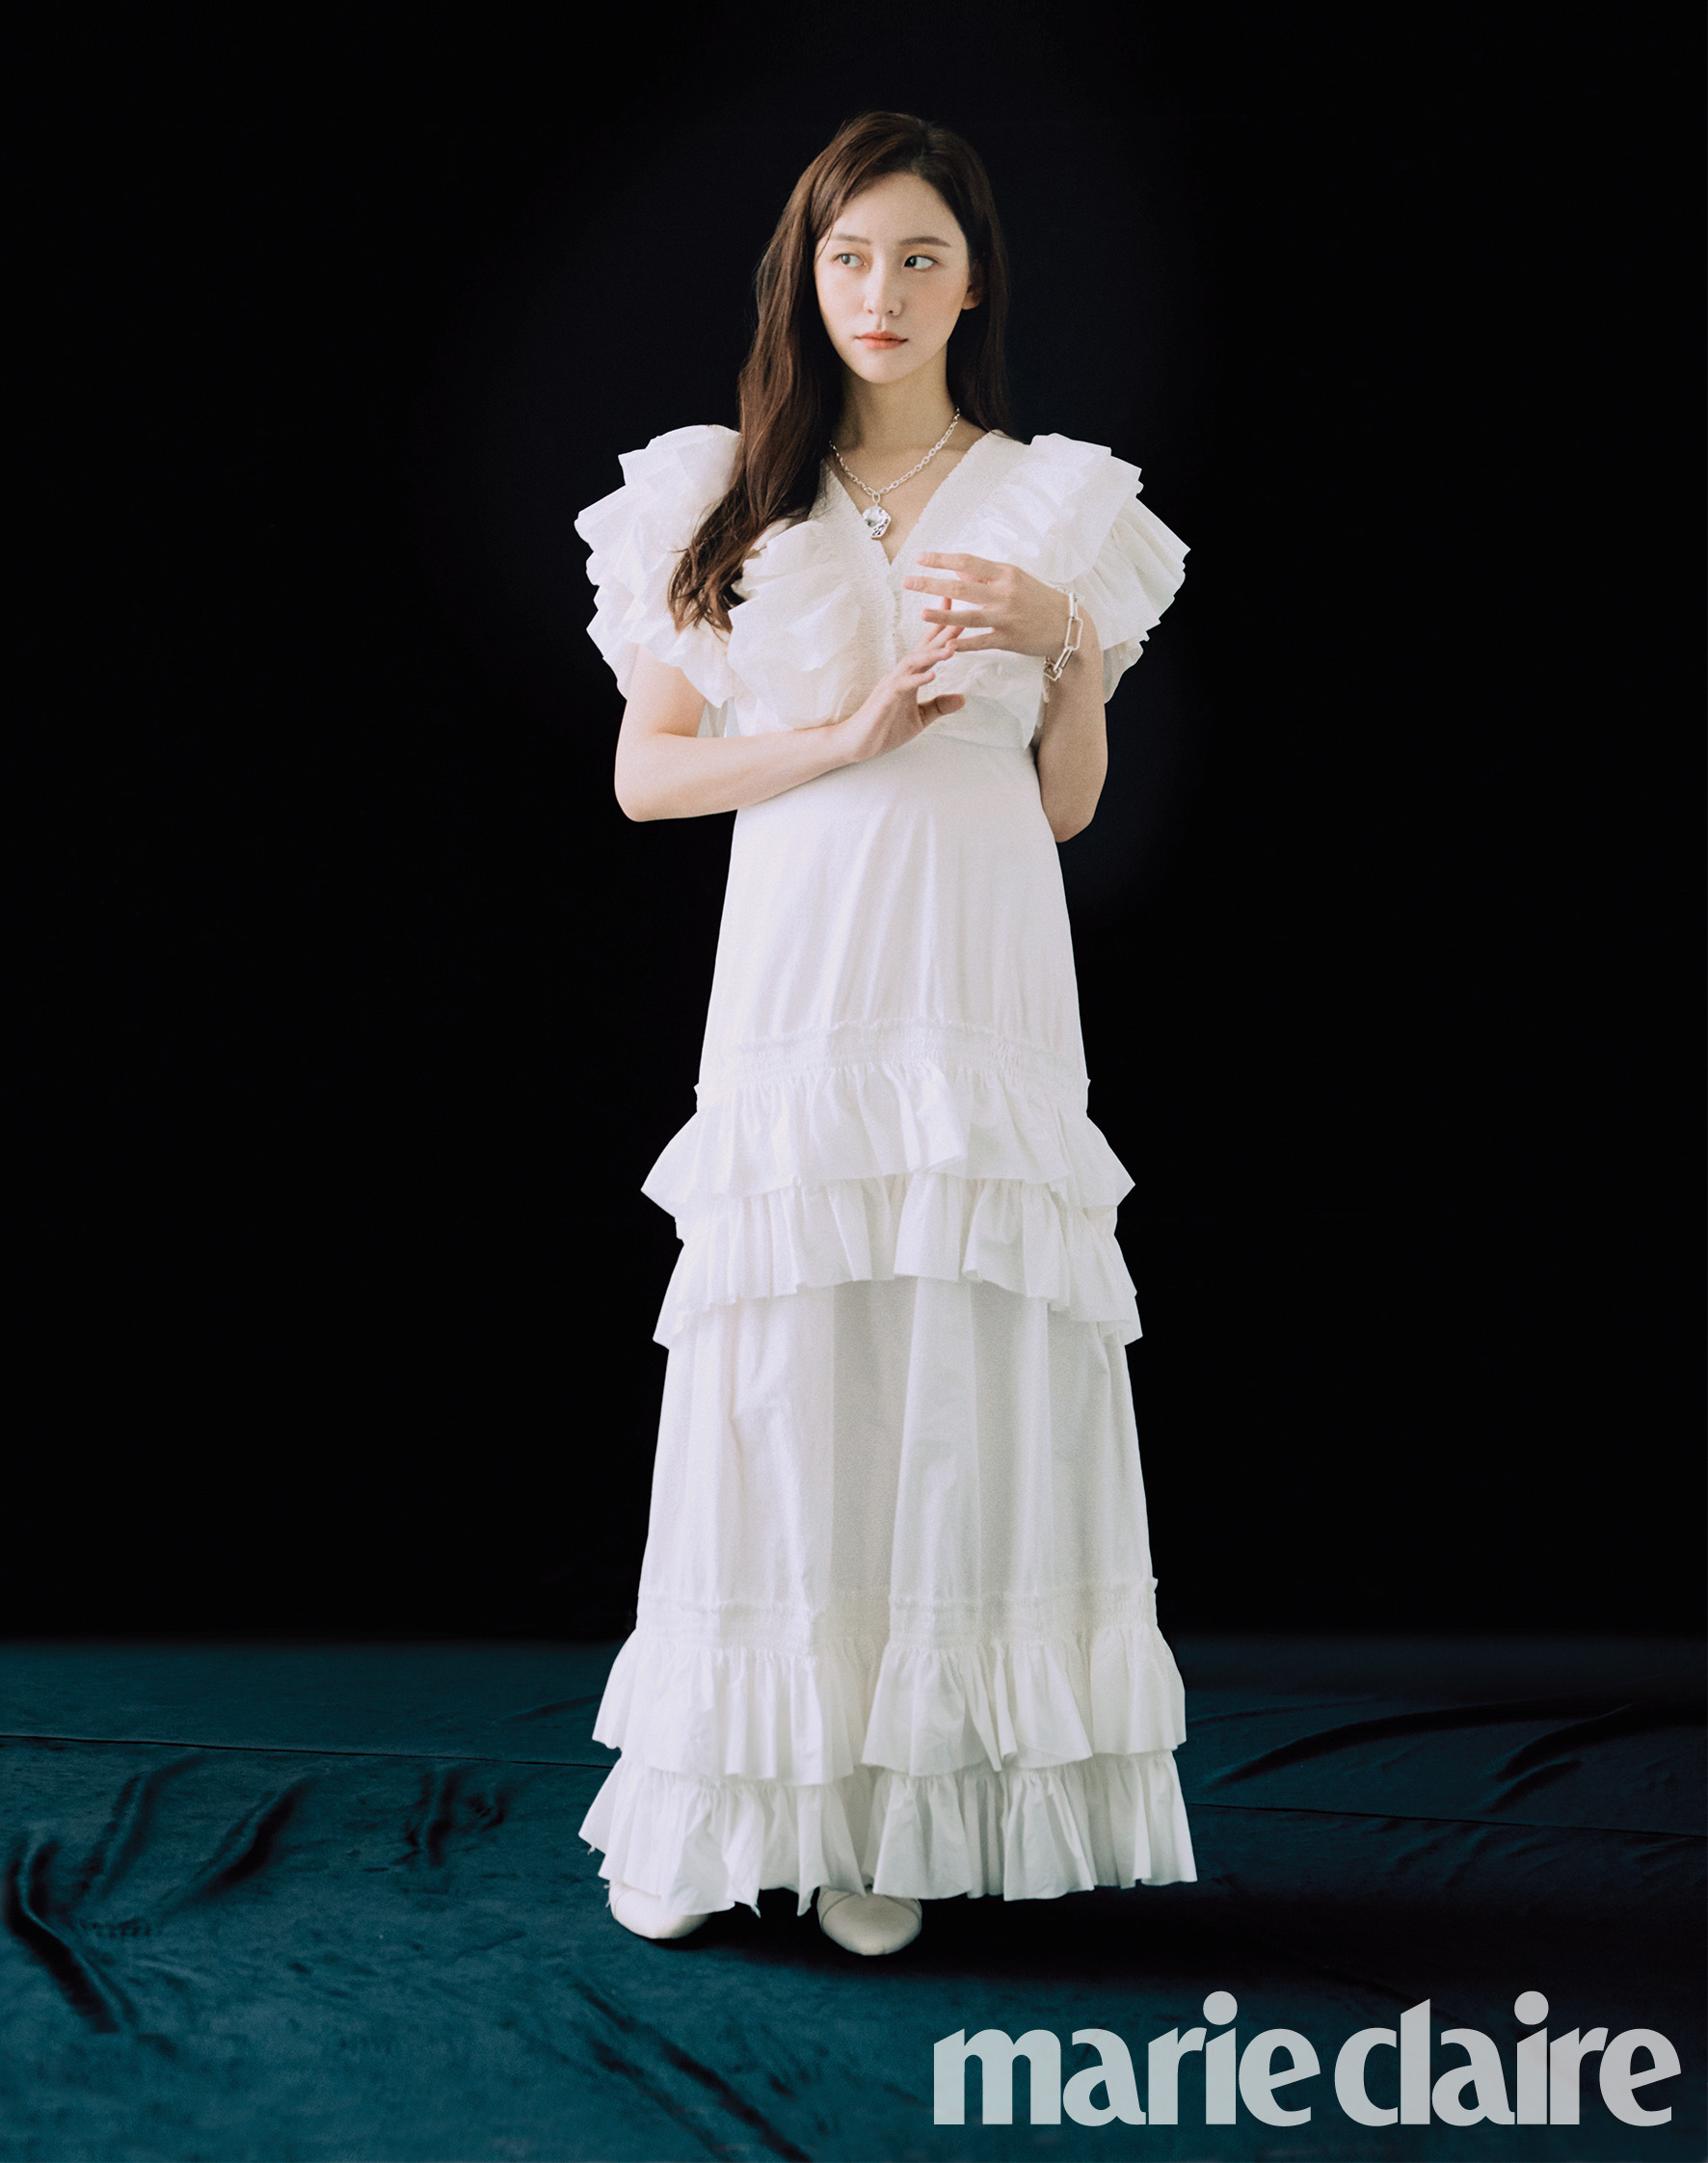 배우 박지현, 시선 압도하는 독보적 우아美 [화보]